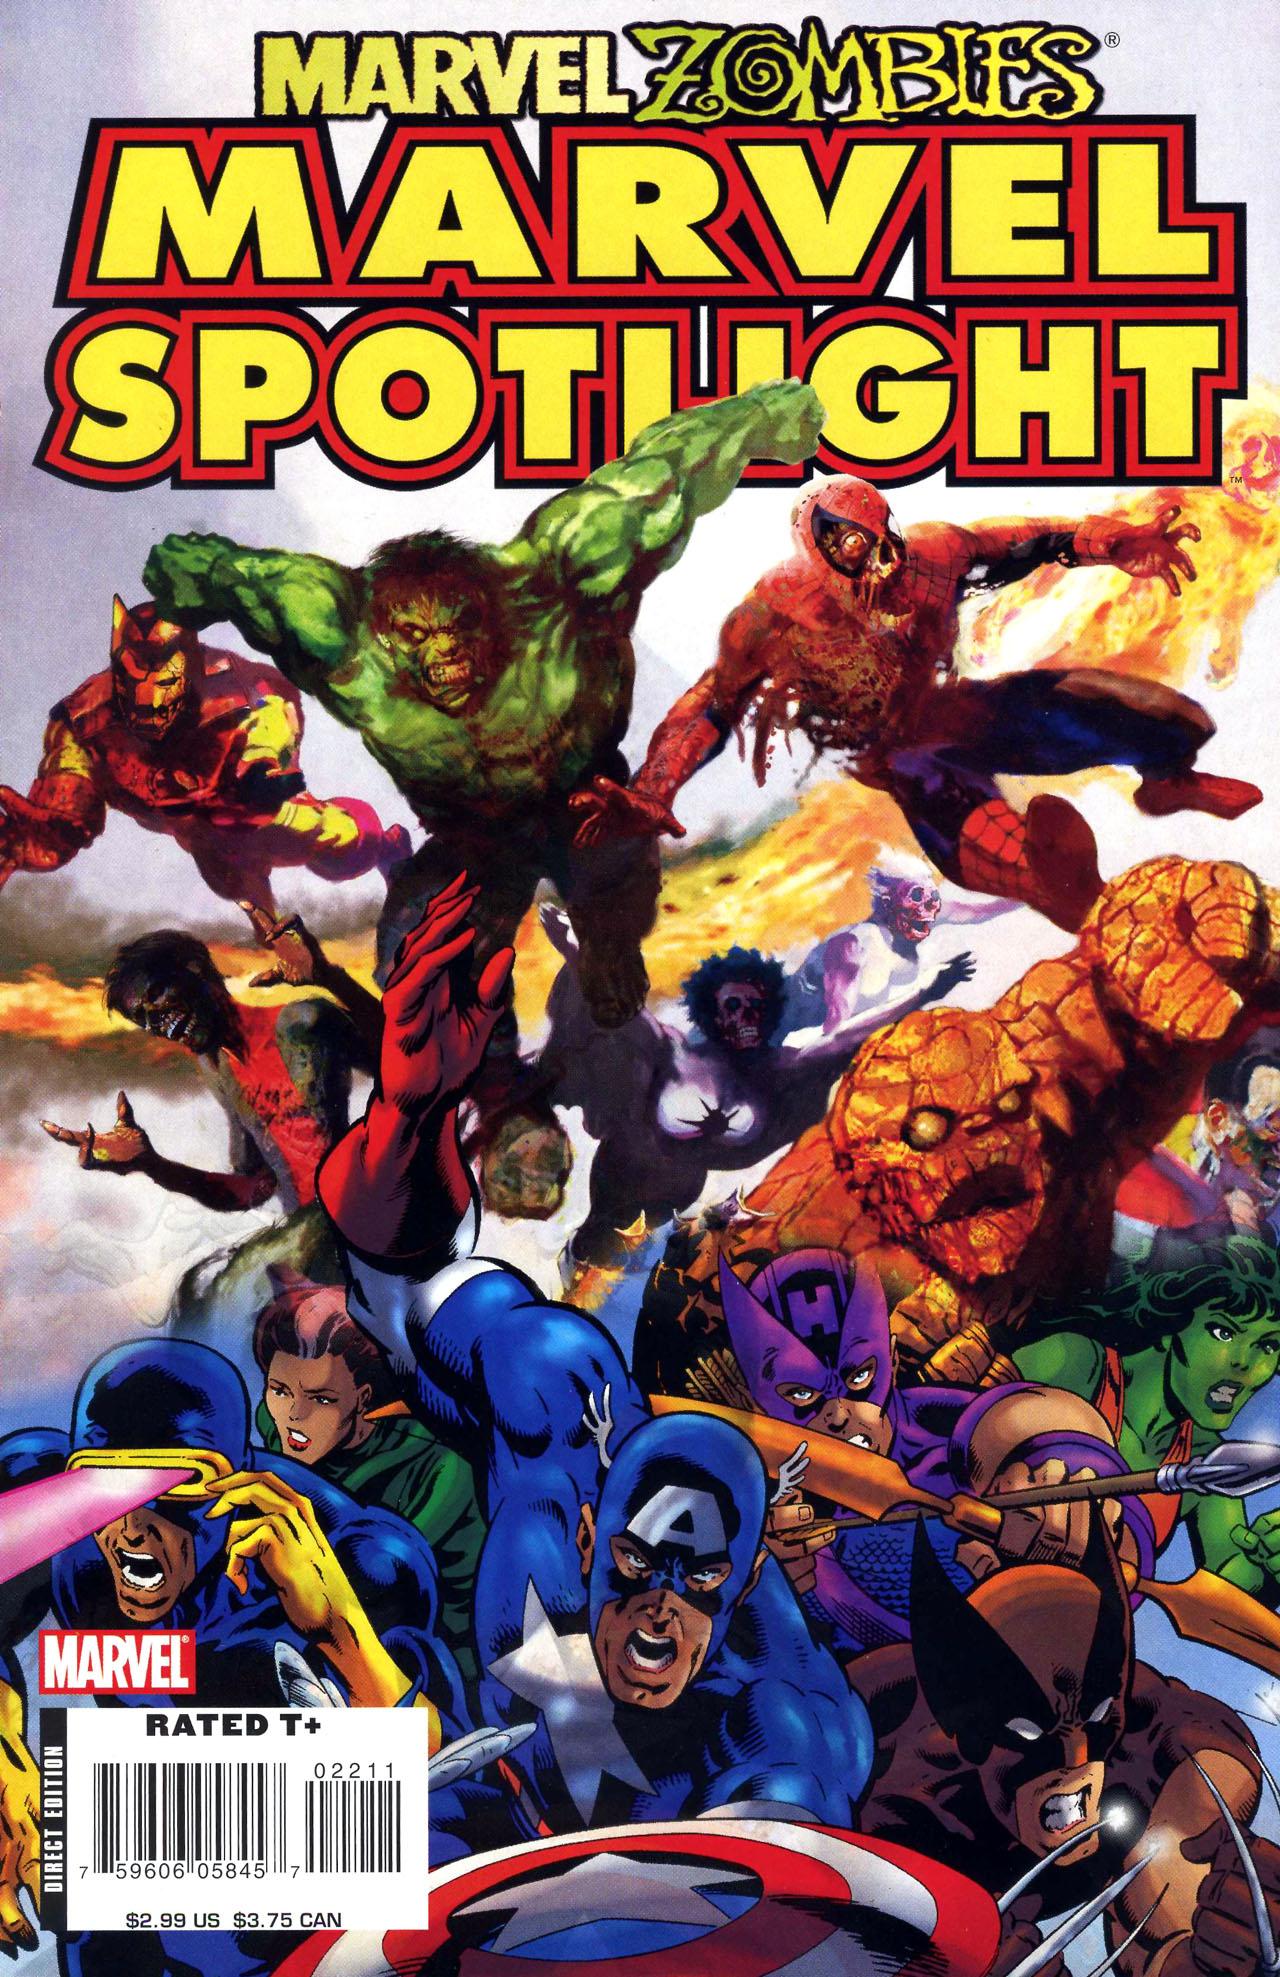 Marvel Spotlight: Marvel Zombies Vol 1